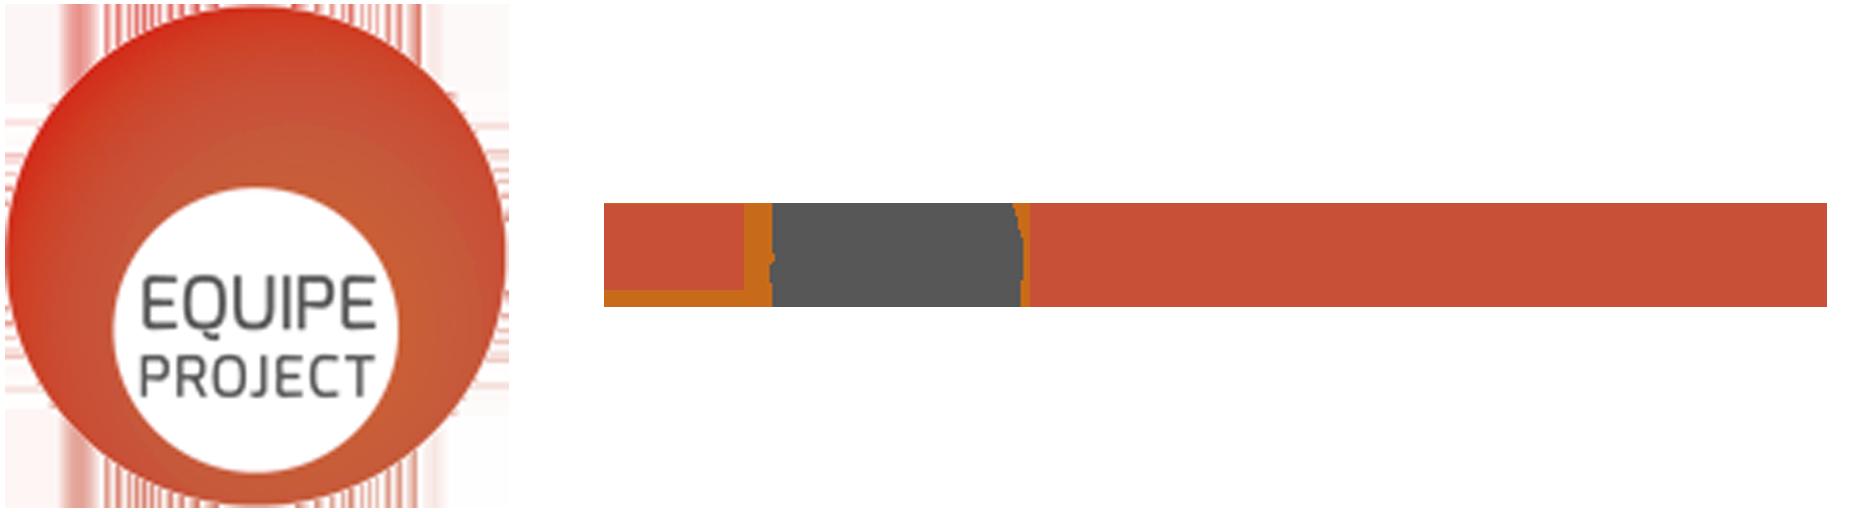 Progettazione e allestimento di negozi di Ottica, Abbigliamento, Pelletteria e Accessori